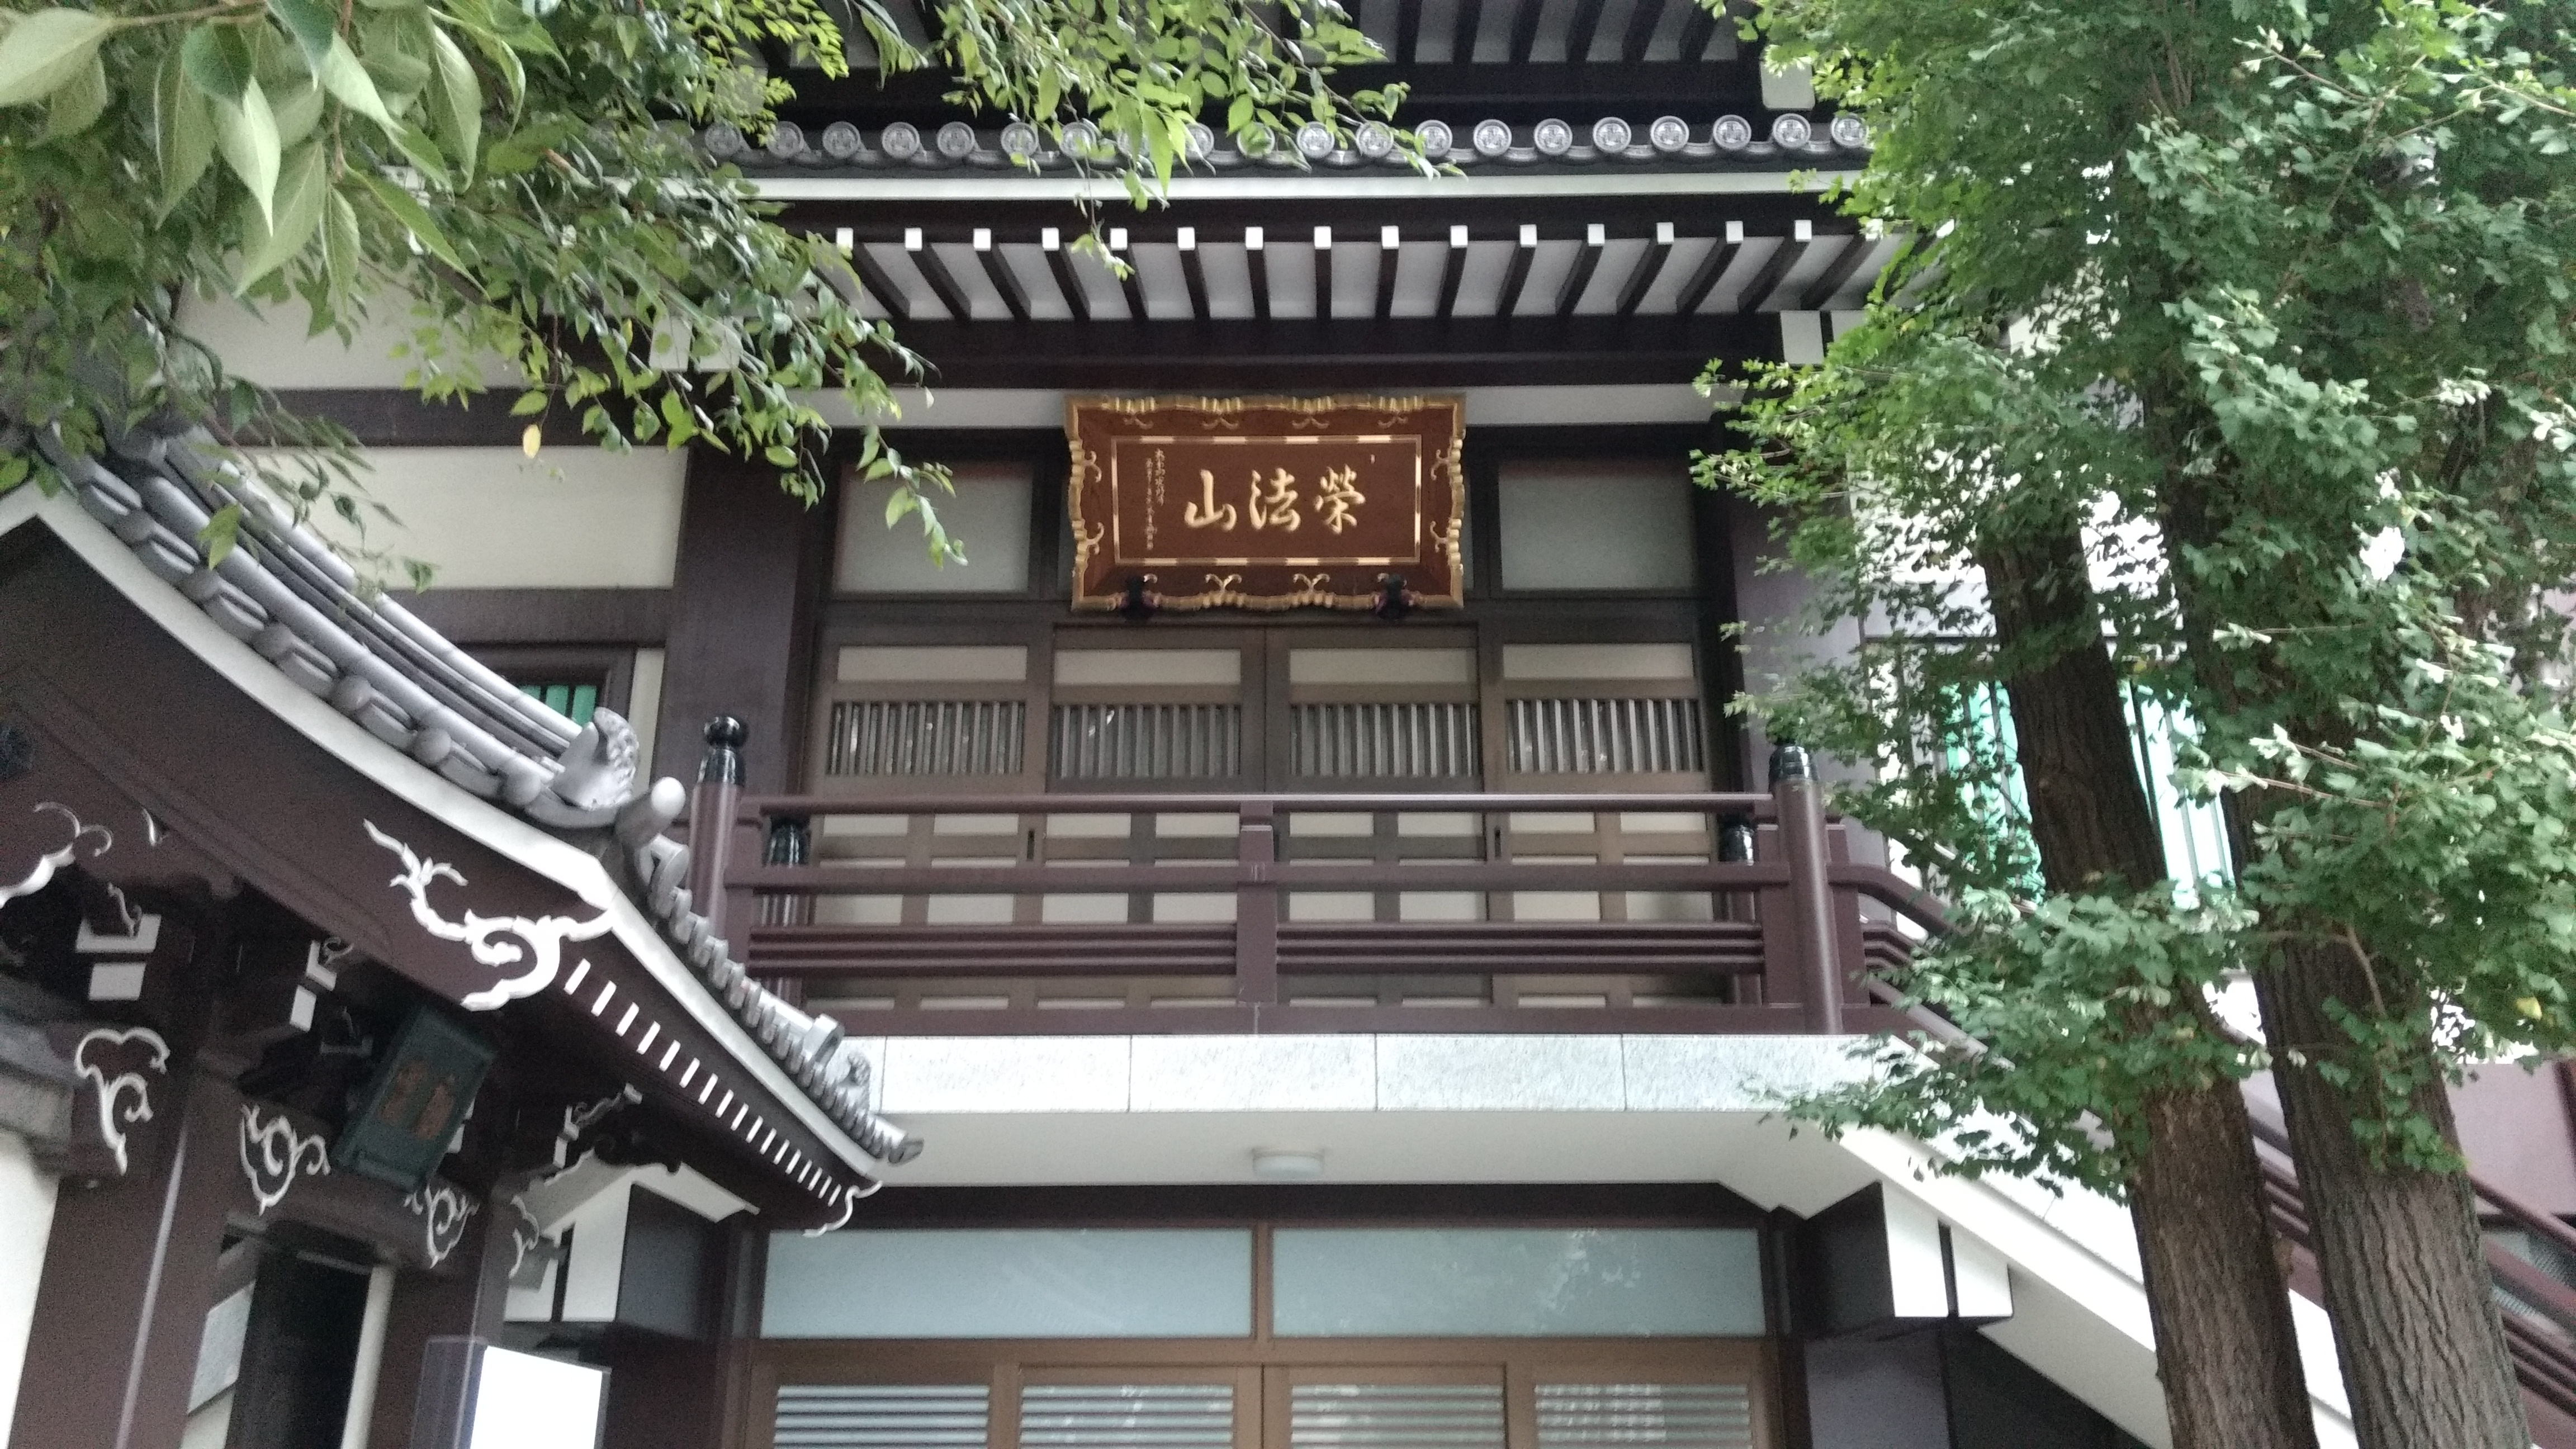 吉原遊郭近く 遊女の投込寺として知られる浄閑寺を訪れた